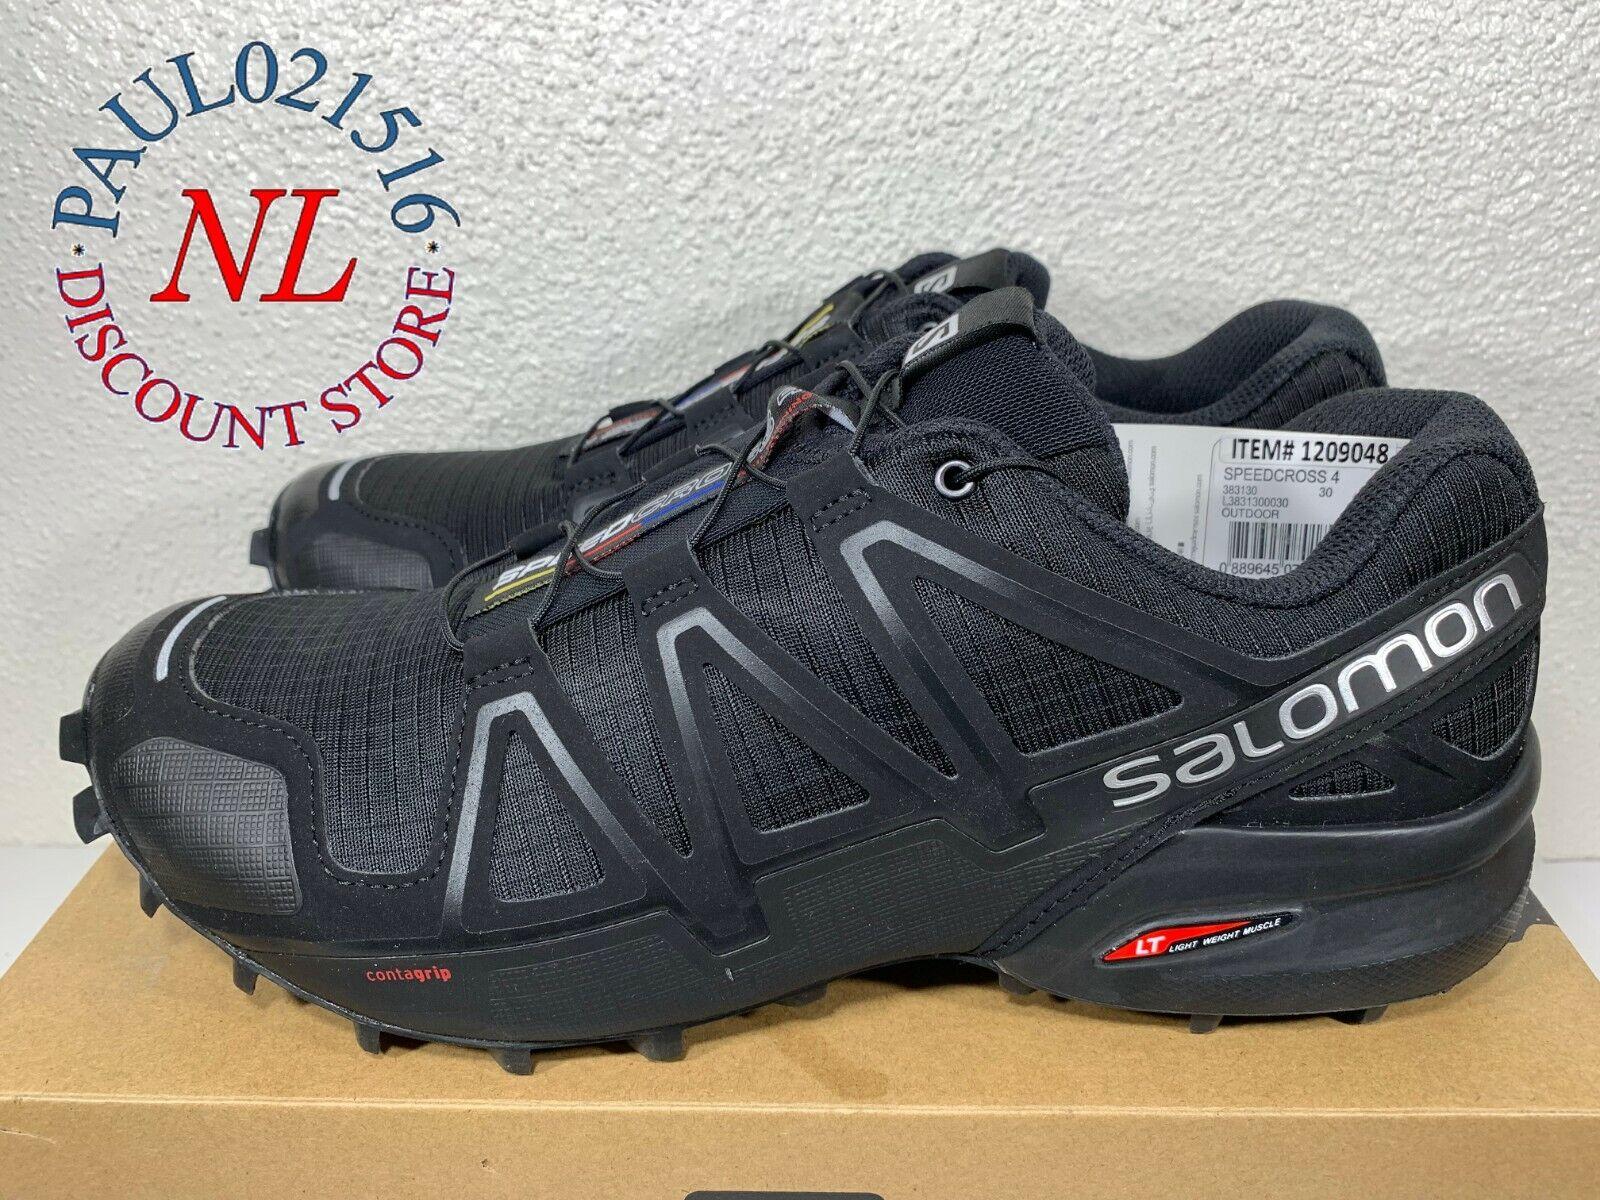 Salomon Speedcross 4 Women's Trail